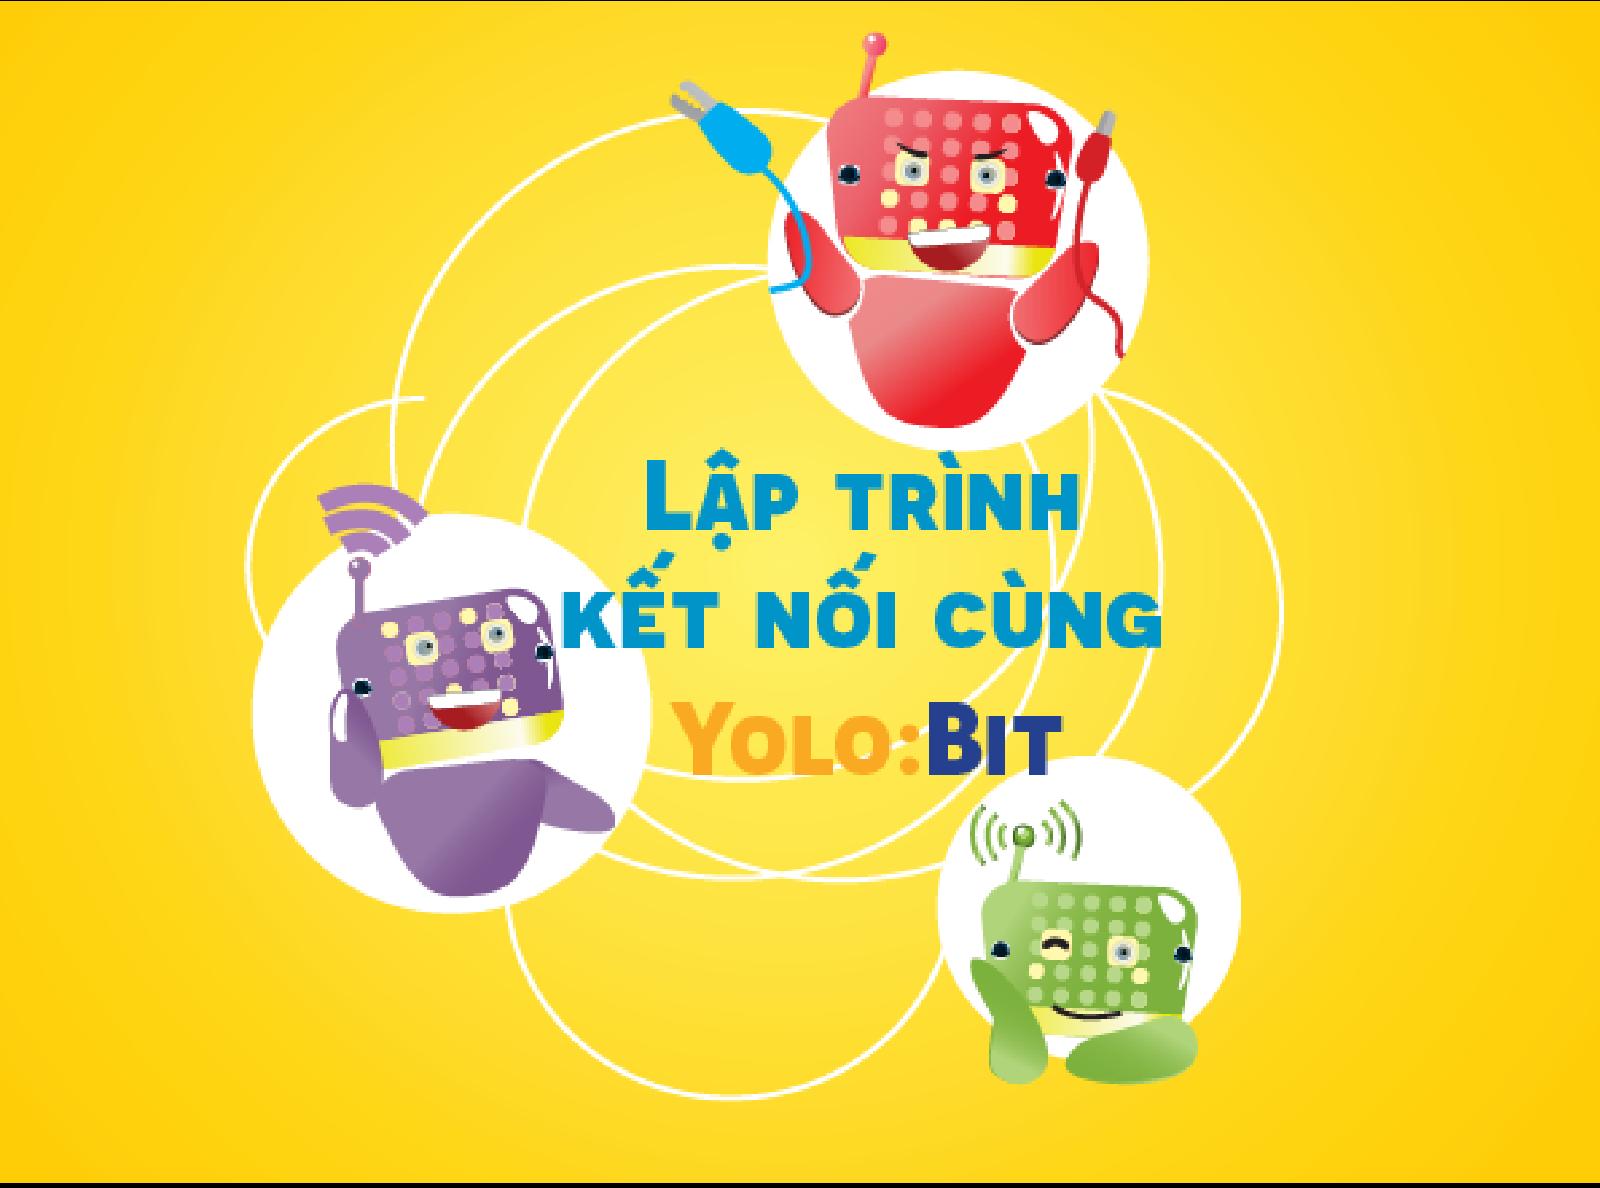 Lập trình kết nối với Yolo:Bit